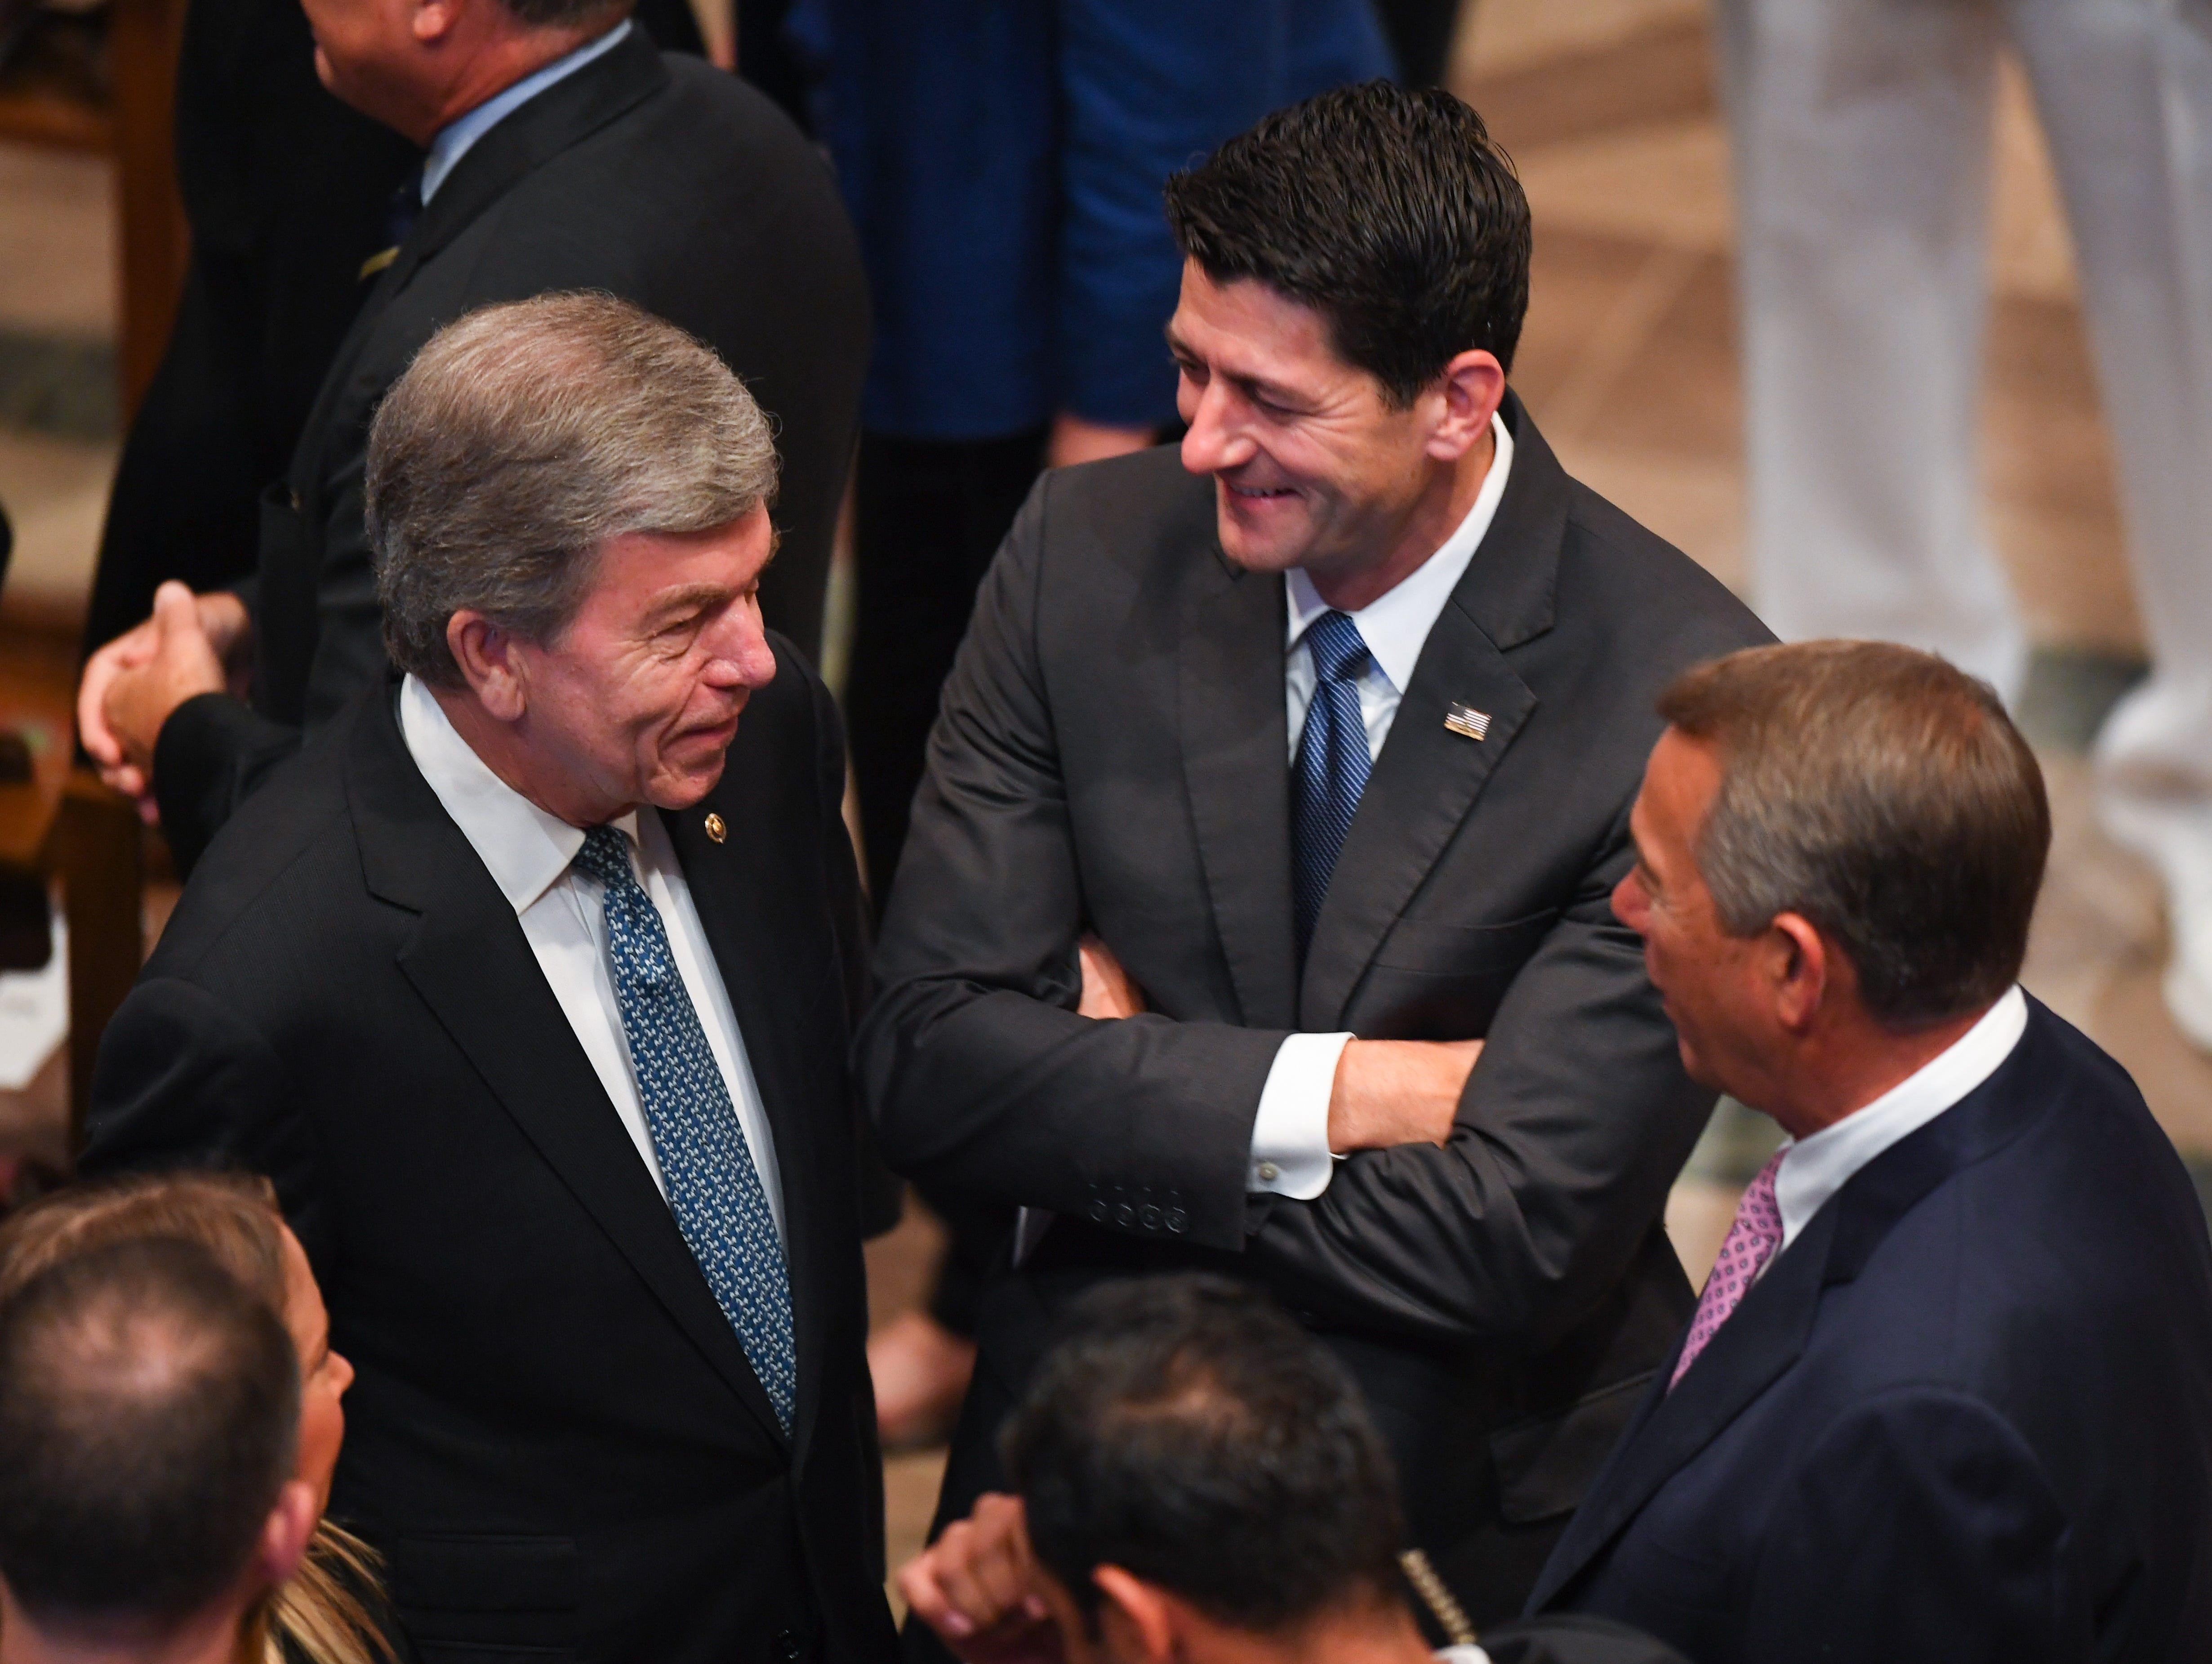 Senator Roy Blunt, left, speaks with House Speaker Paul Ryan and former House Speaker John Boehner as mourners gather for the memorial service for John McCain.